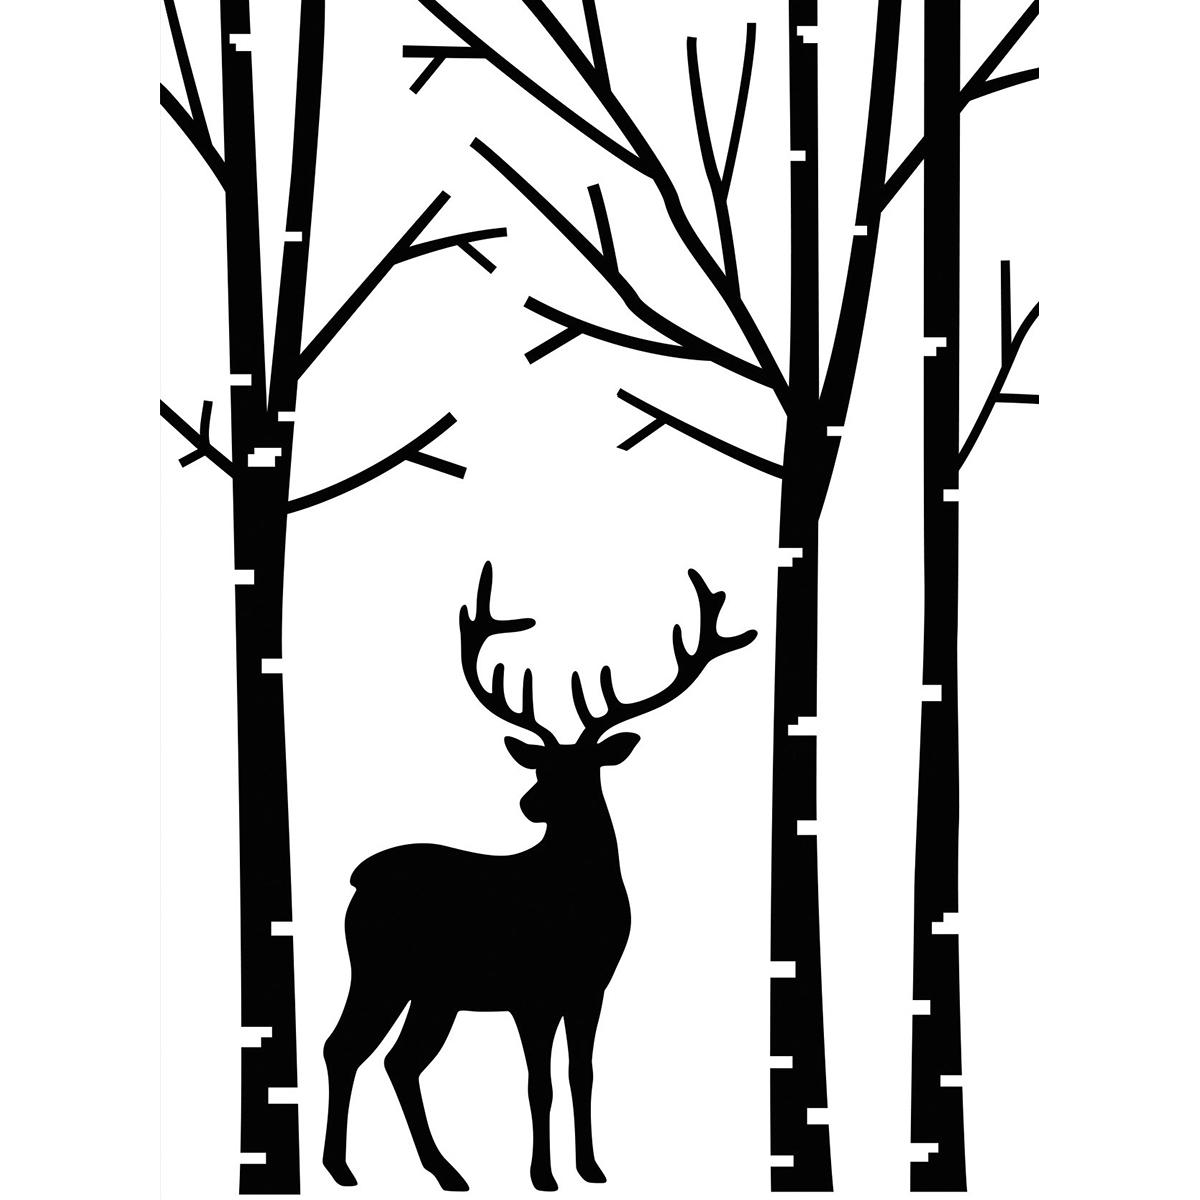 Darice Dear in Forest embossing folder